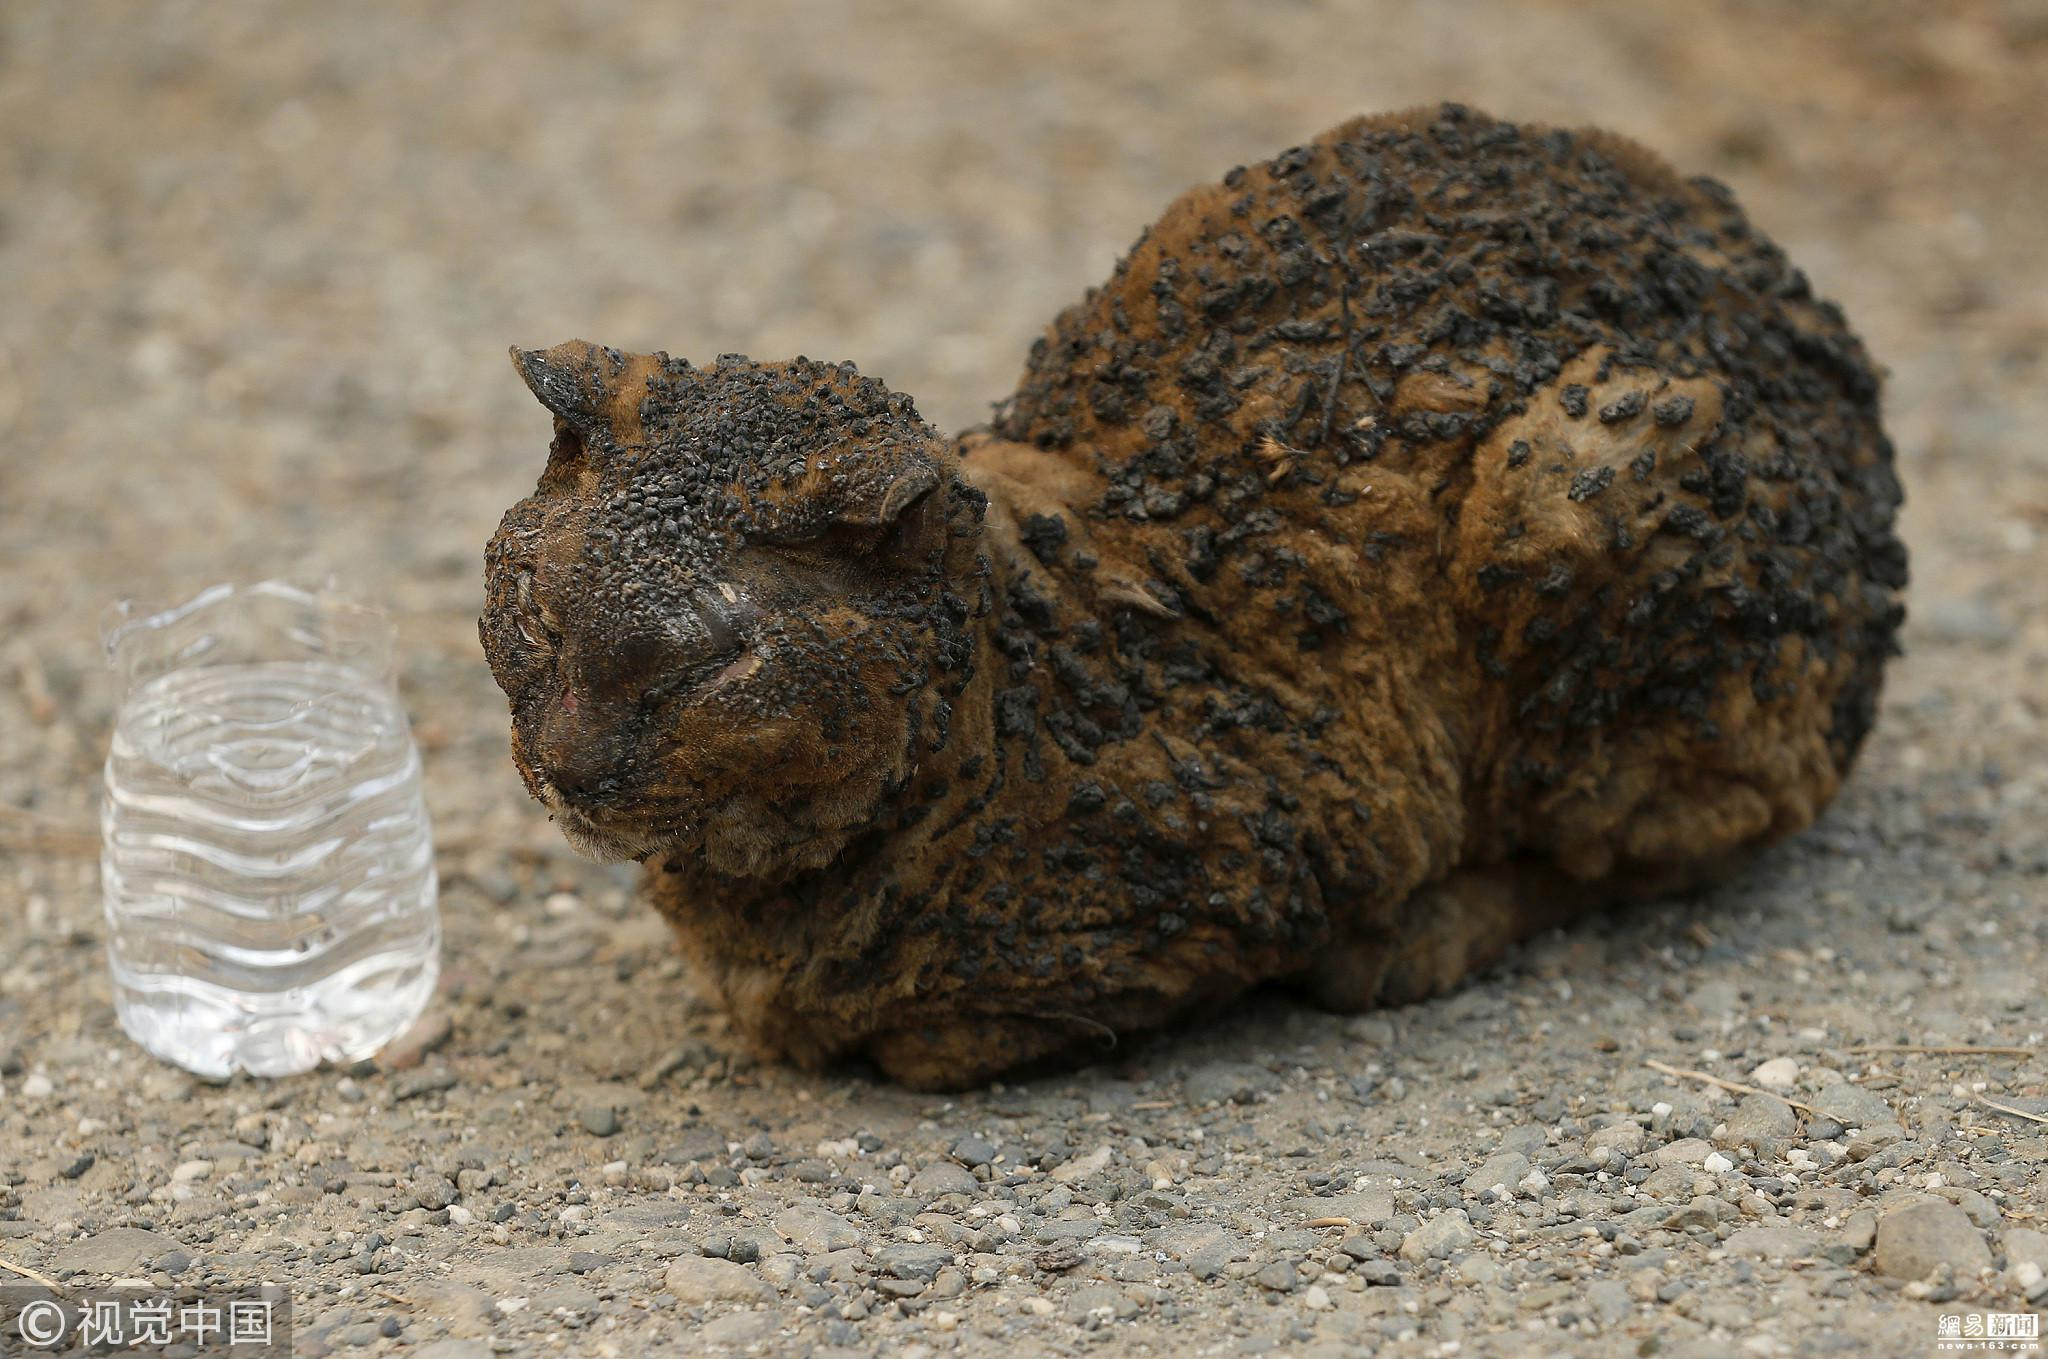 盘点加州山火中的动物们,它们有的葬身火海,画面令人心酸;有的幸运